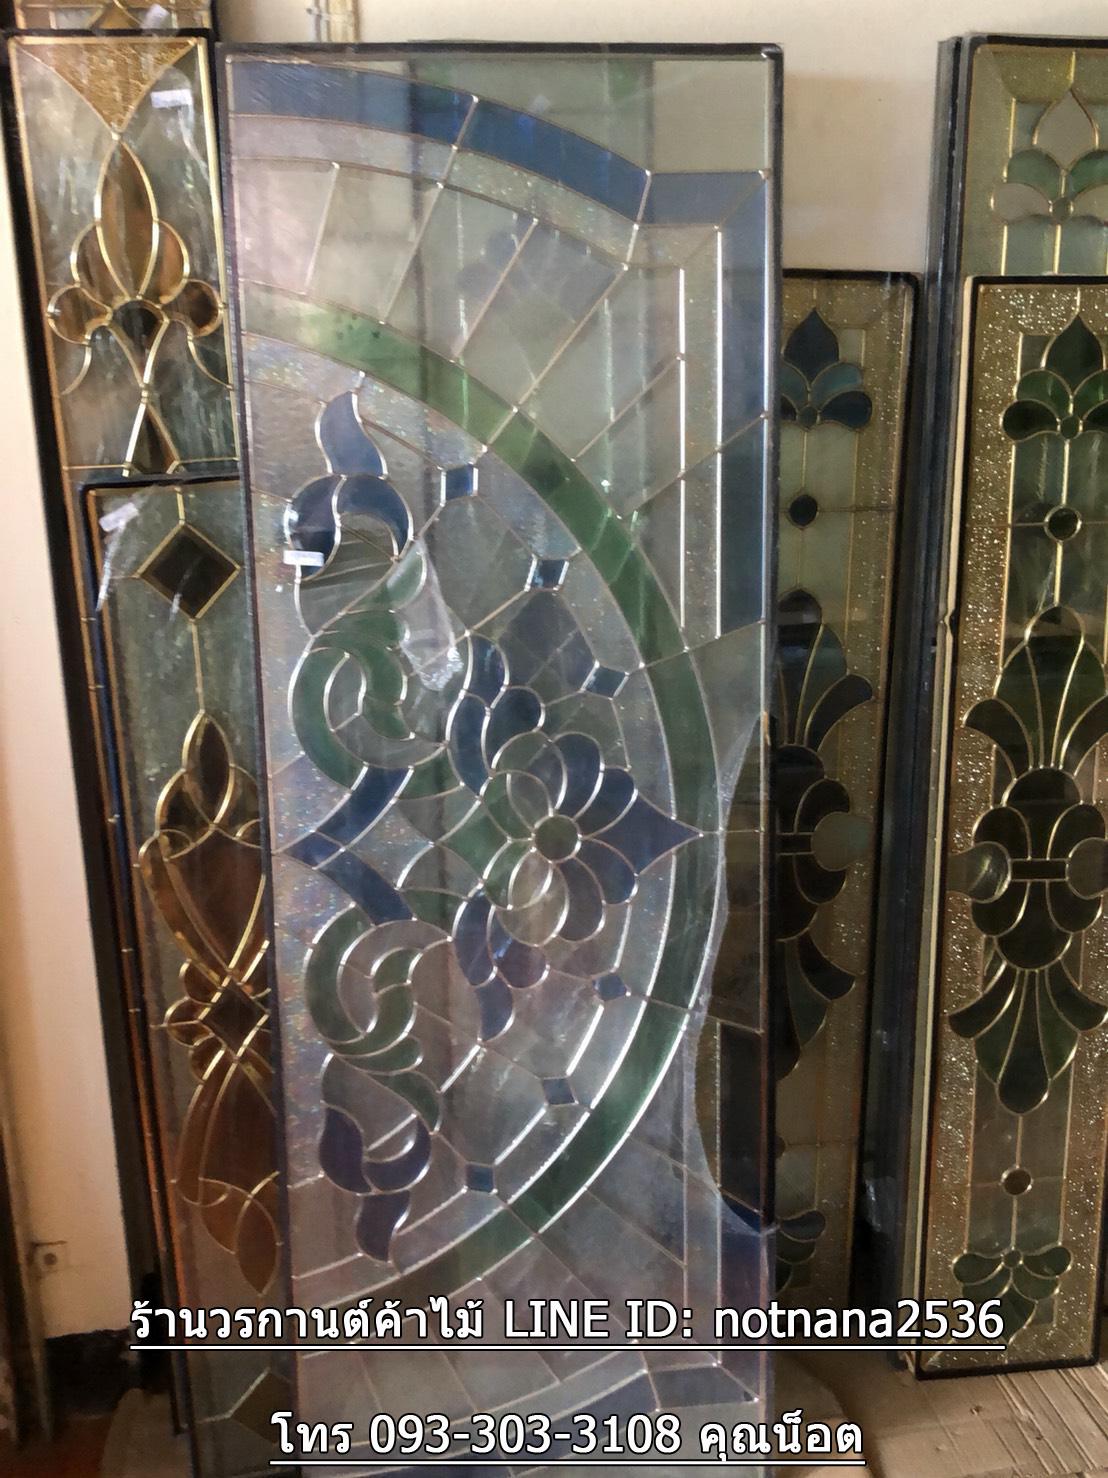 กระจกนิรภัยสเตนกลาส, ประตูไม้สัก รหัส G66